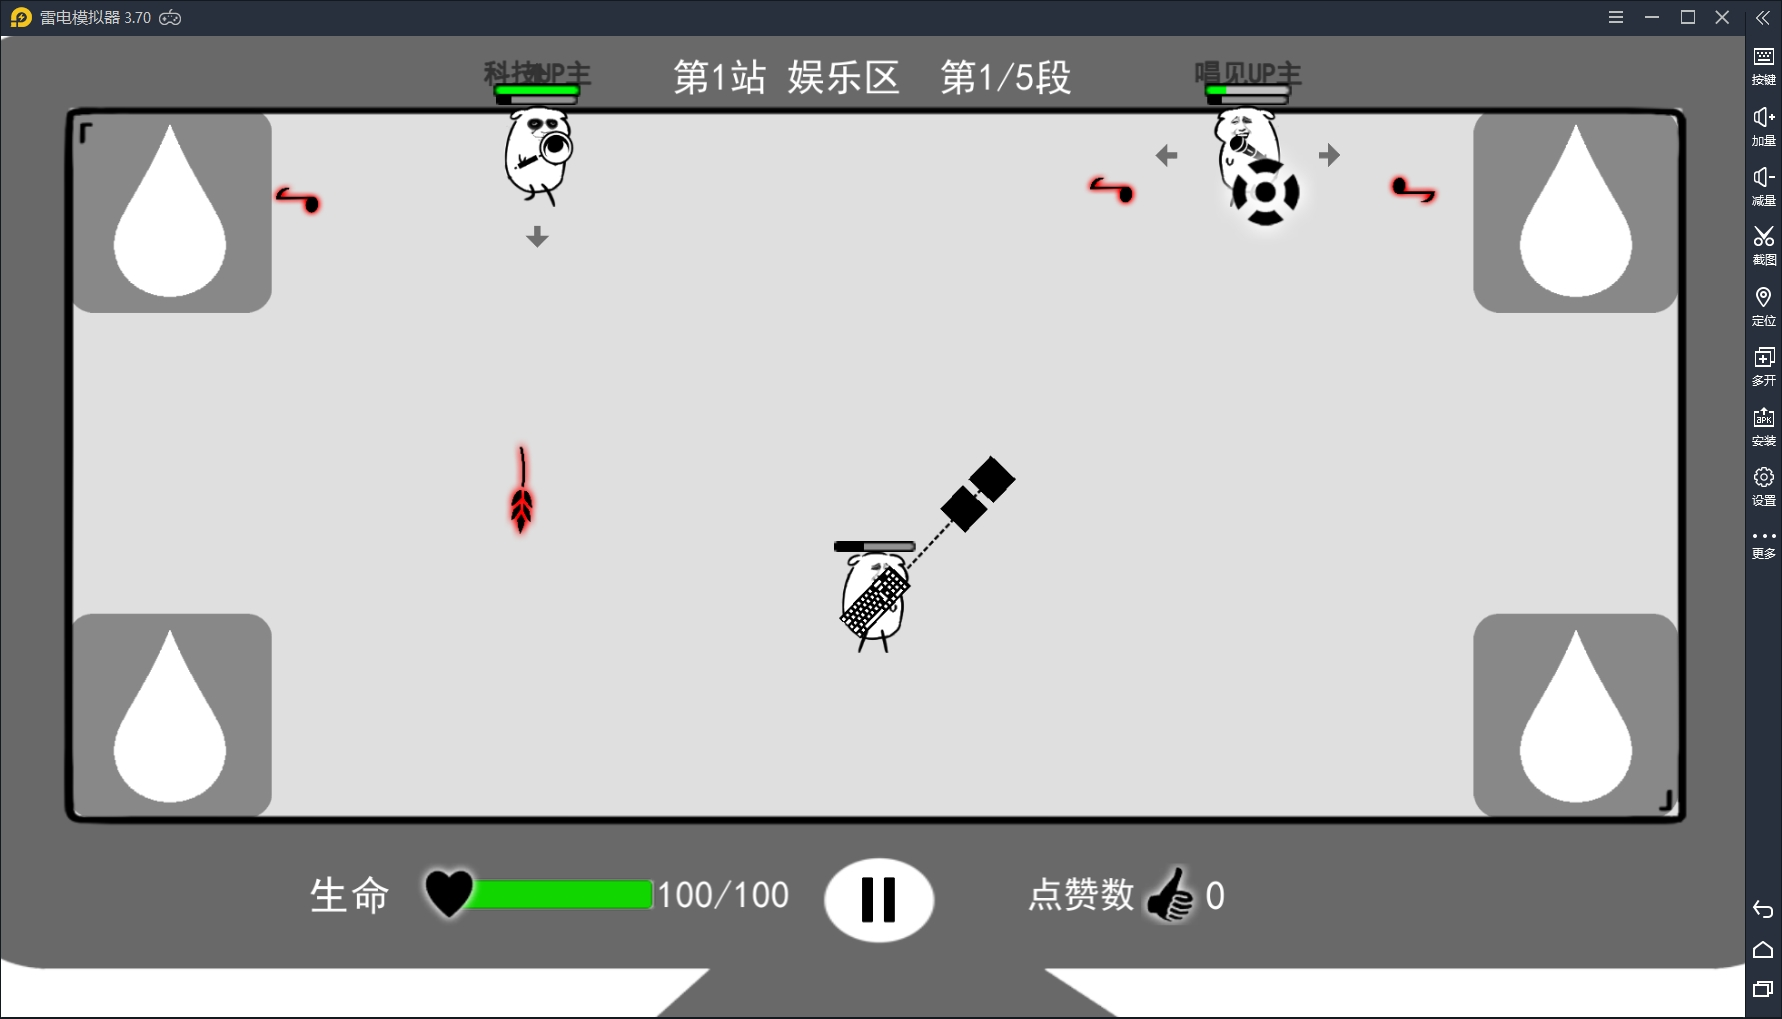 【无情的哈哈机器】:搞怪流行文化的欢乐游戏